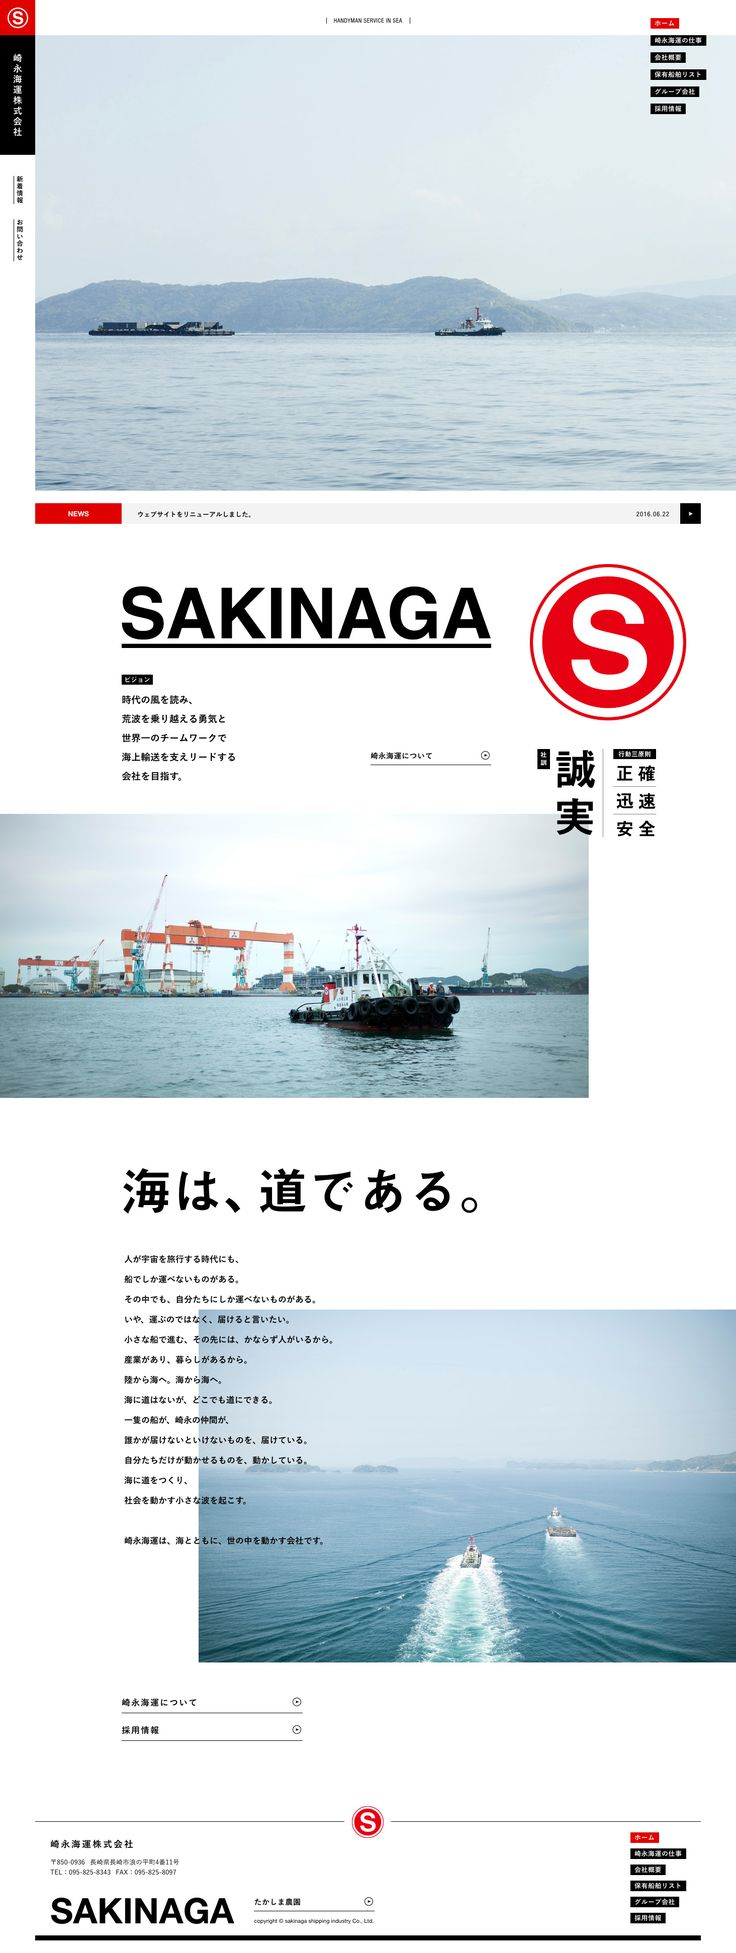 崎永海運株式会社